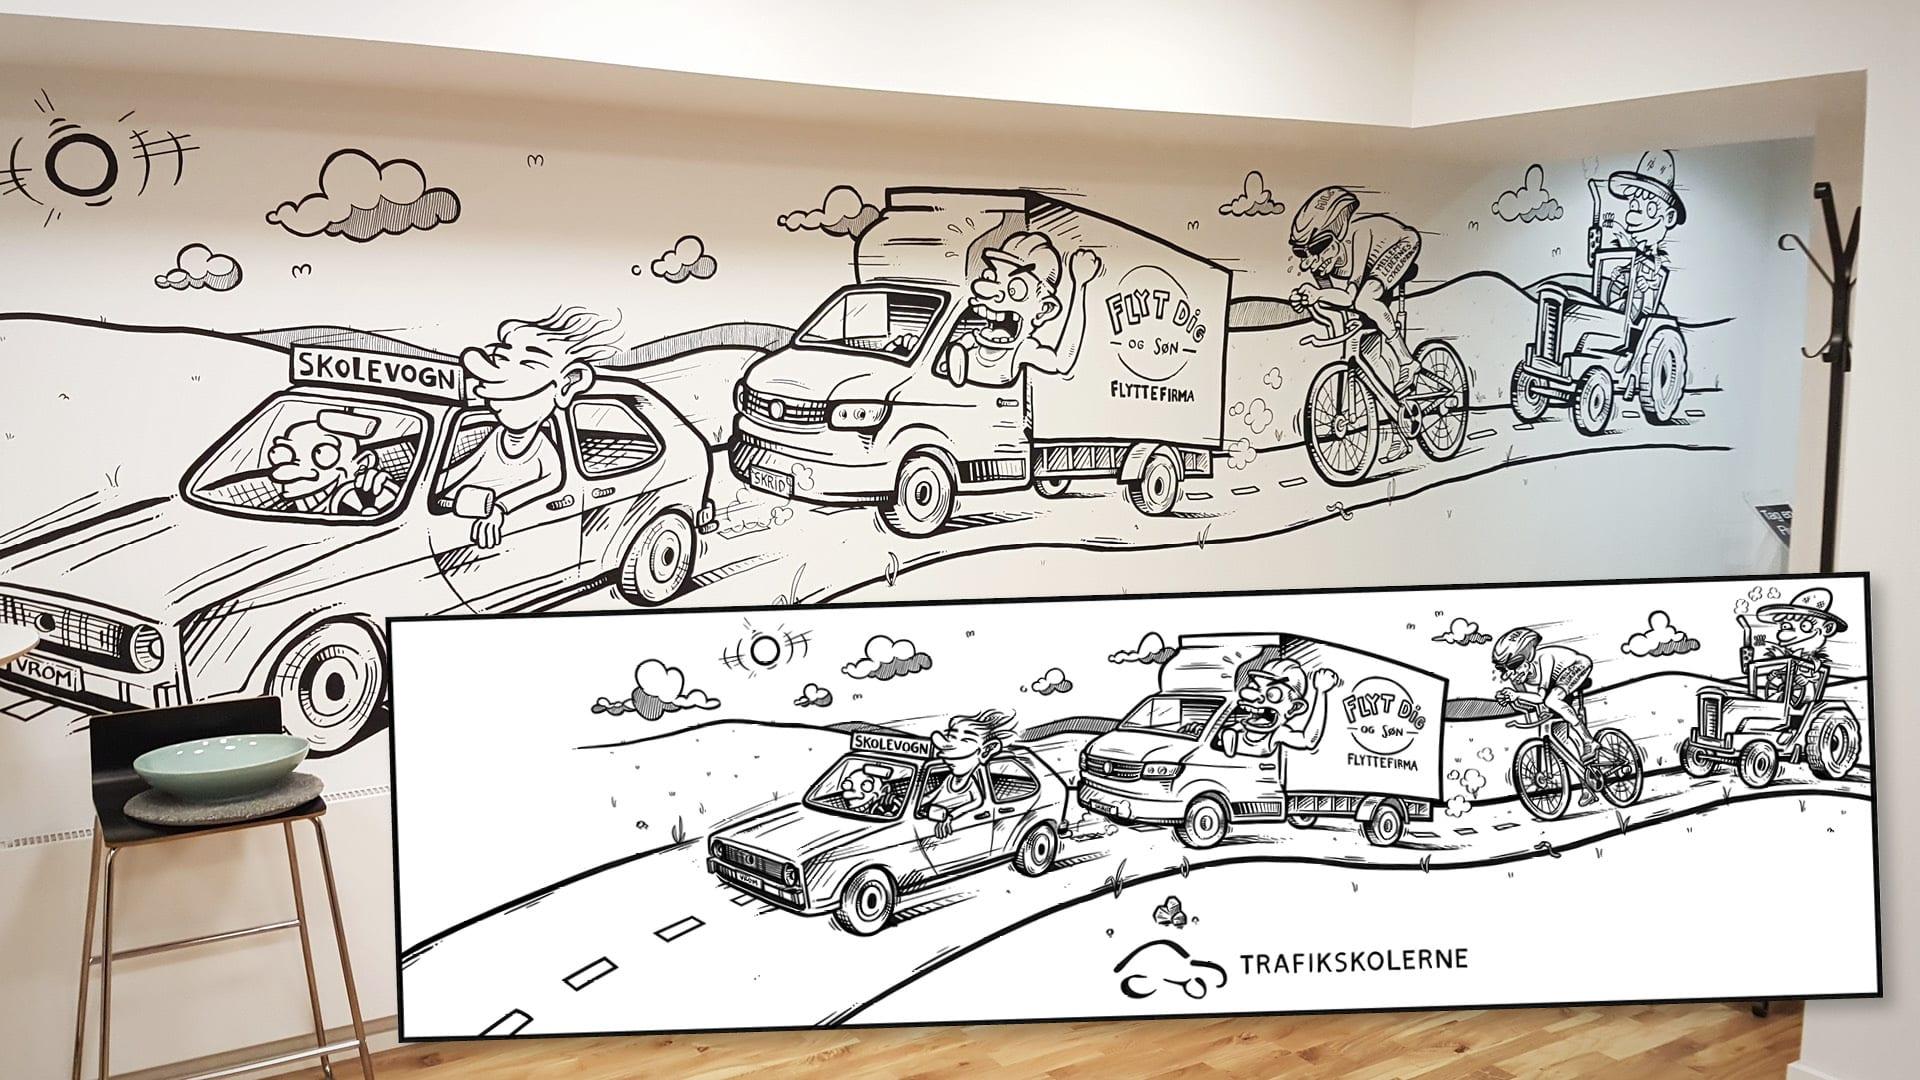 Kunder og samarbejde – Trafikskolerne